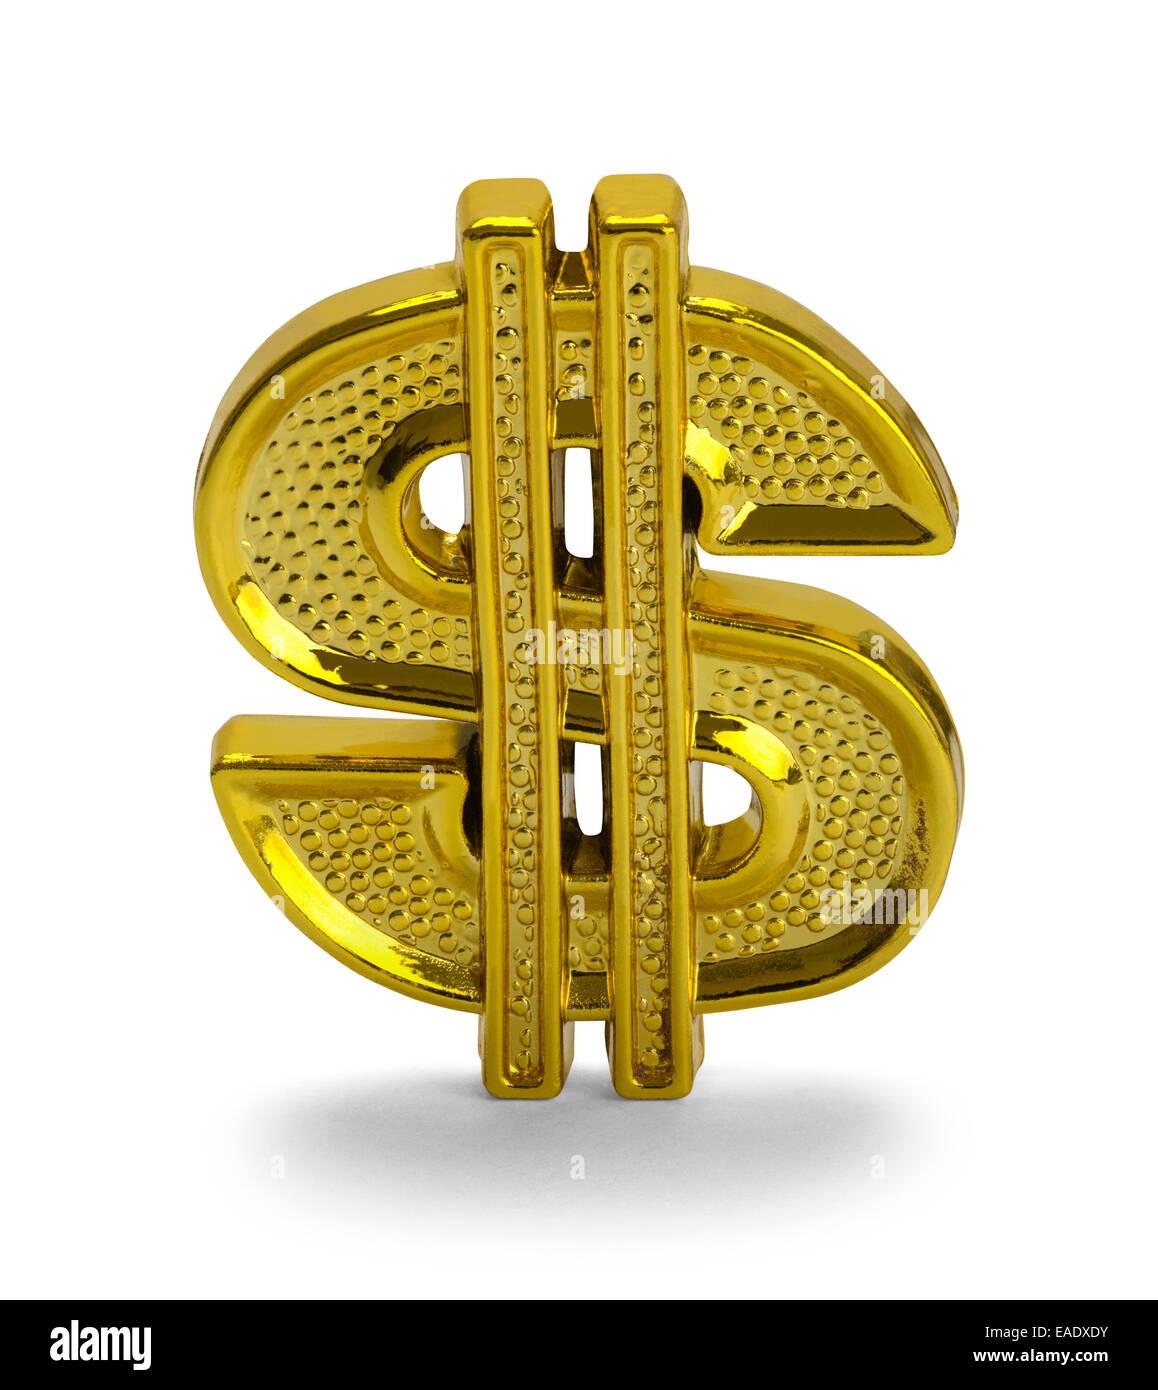 Gold Dollar Symbol Isolated On White Background Stock Photo